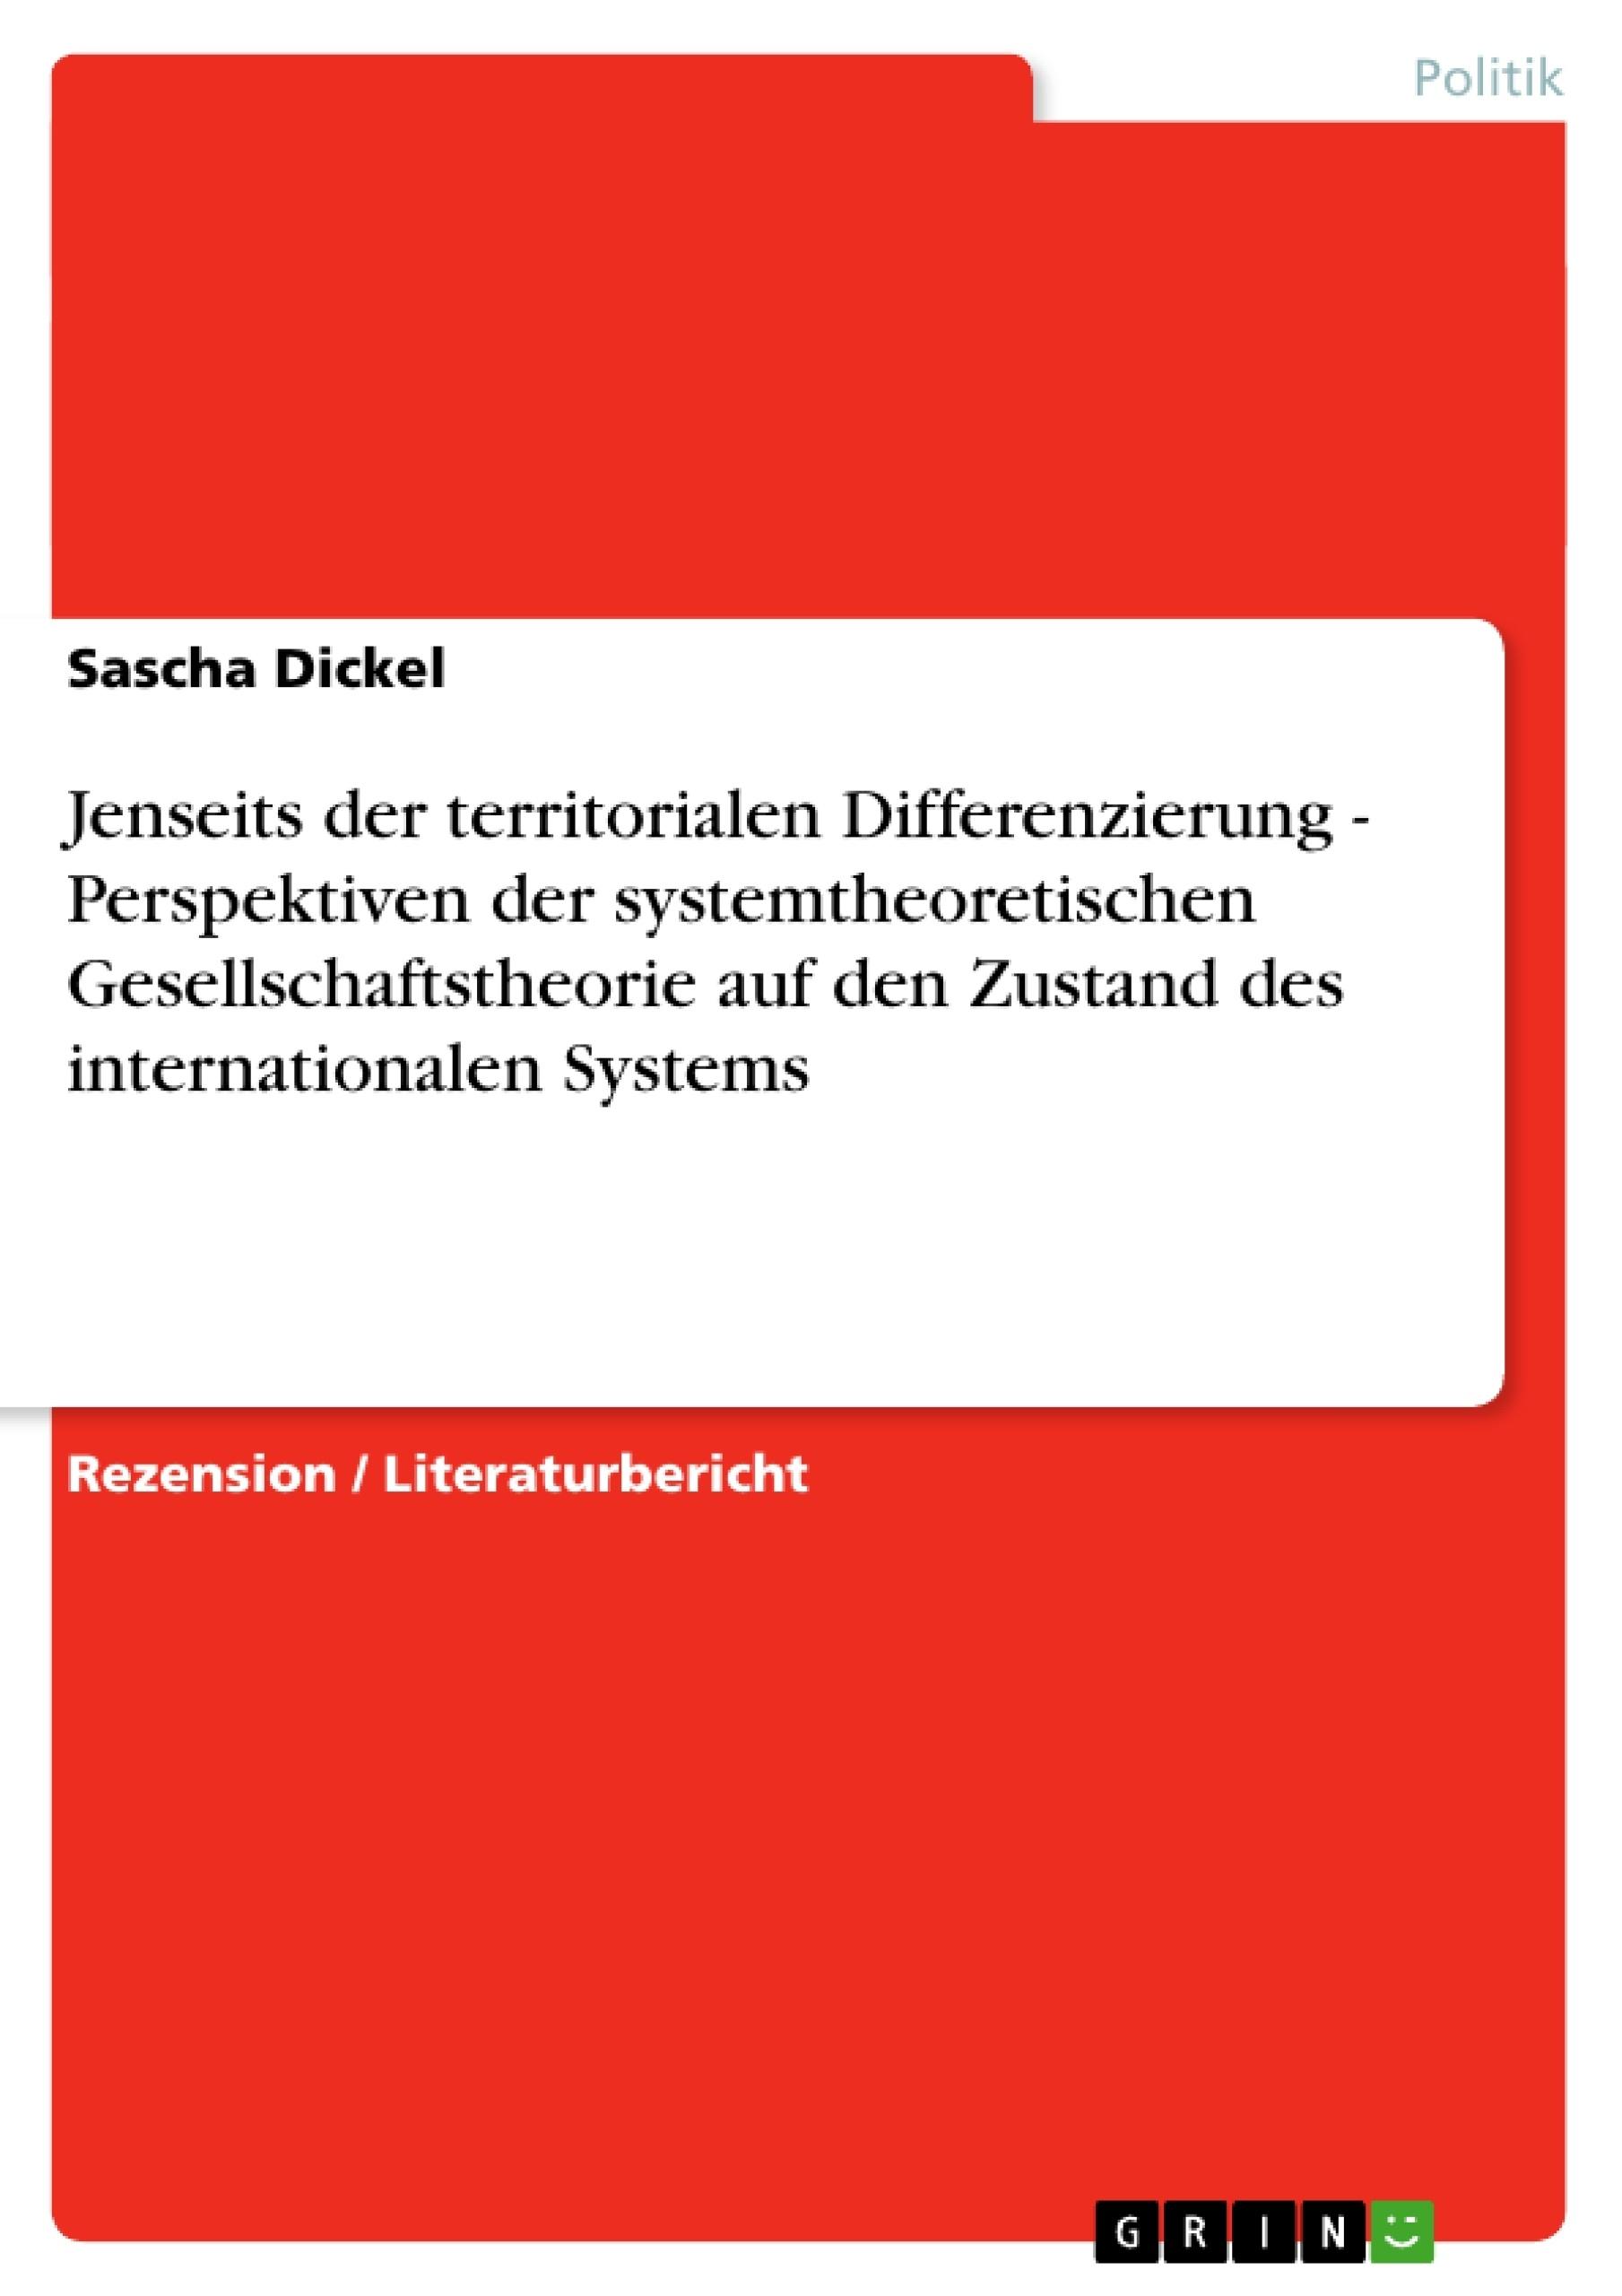 Titel: Jenseits der territorialen Differenzierung - Perspektiven  der systemtheoretischen Gesellschaftstheorie auf den Zustand des internationalen Systems